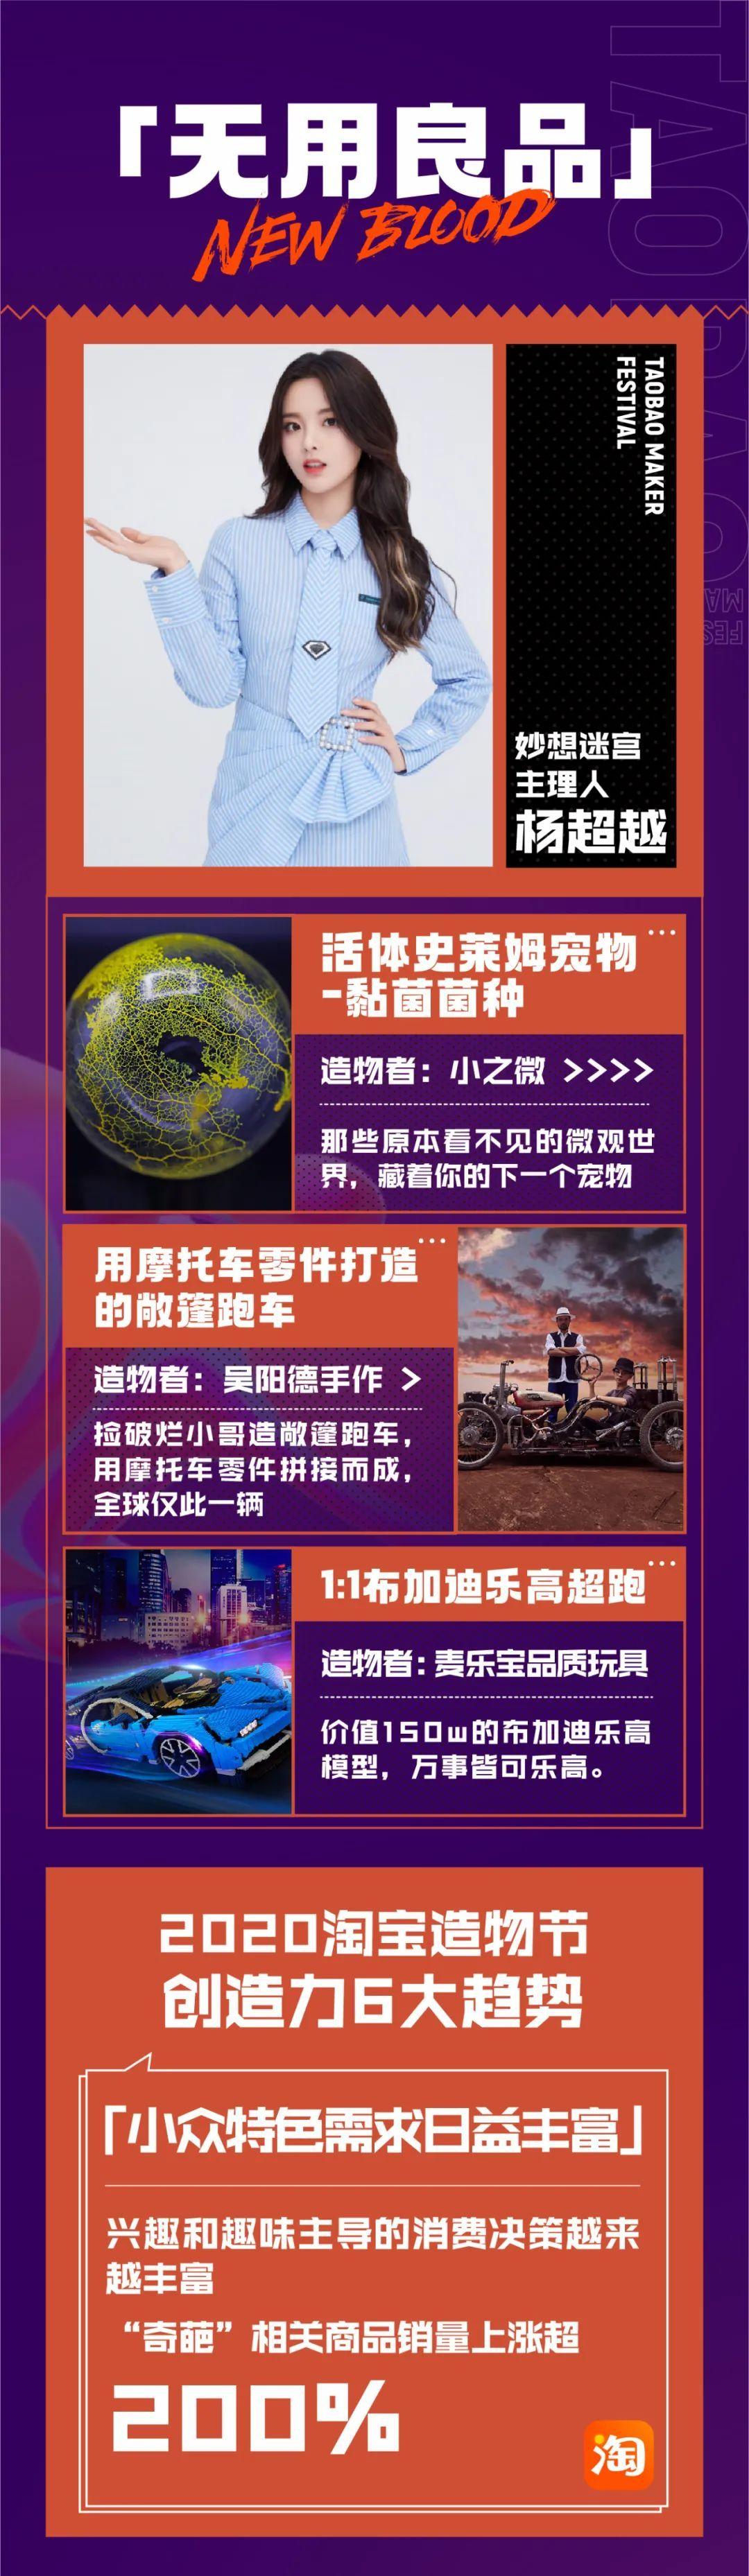 事关8亿中国人!年度重磅大数据透露:90后,00后们正在悄悄创造出六大新风口